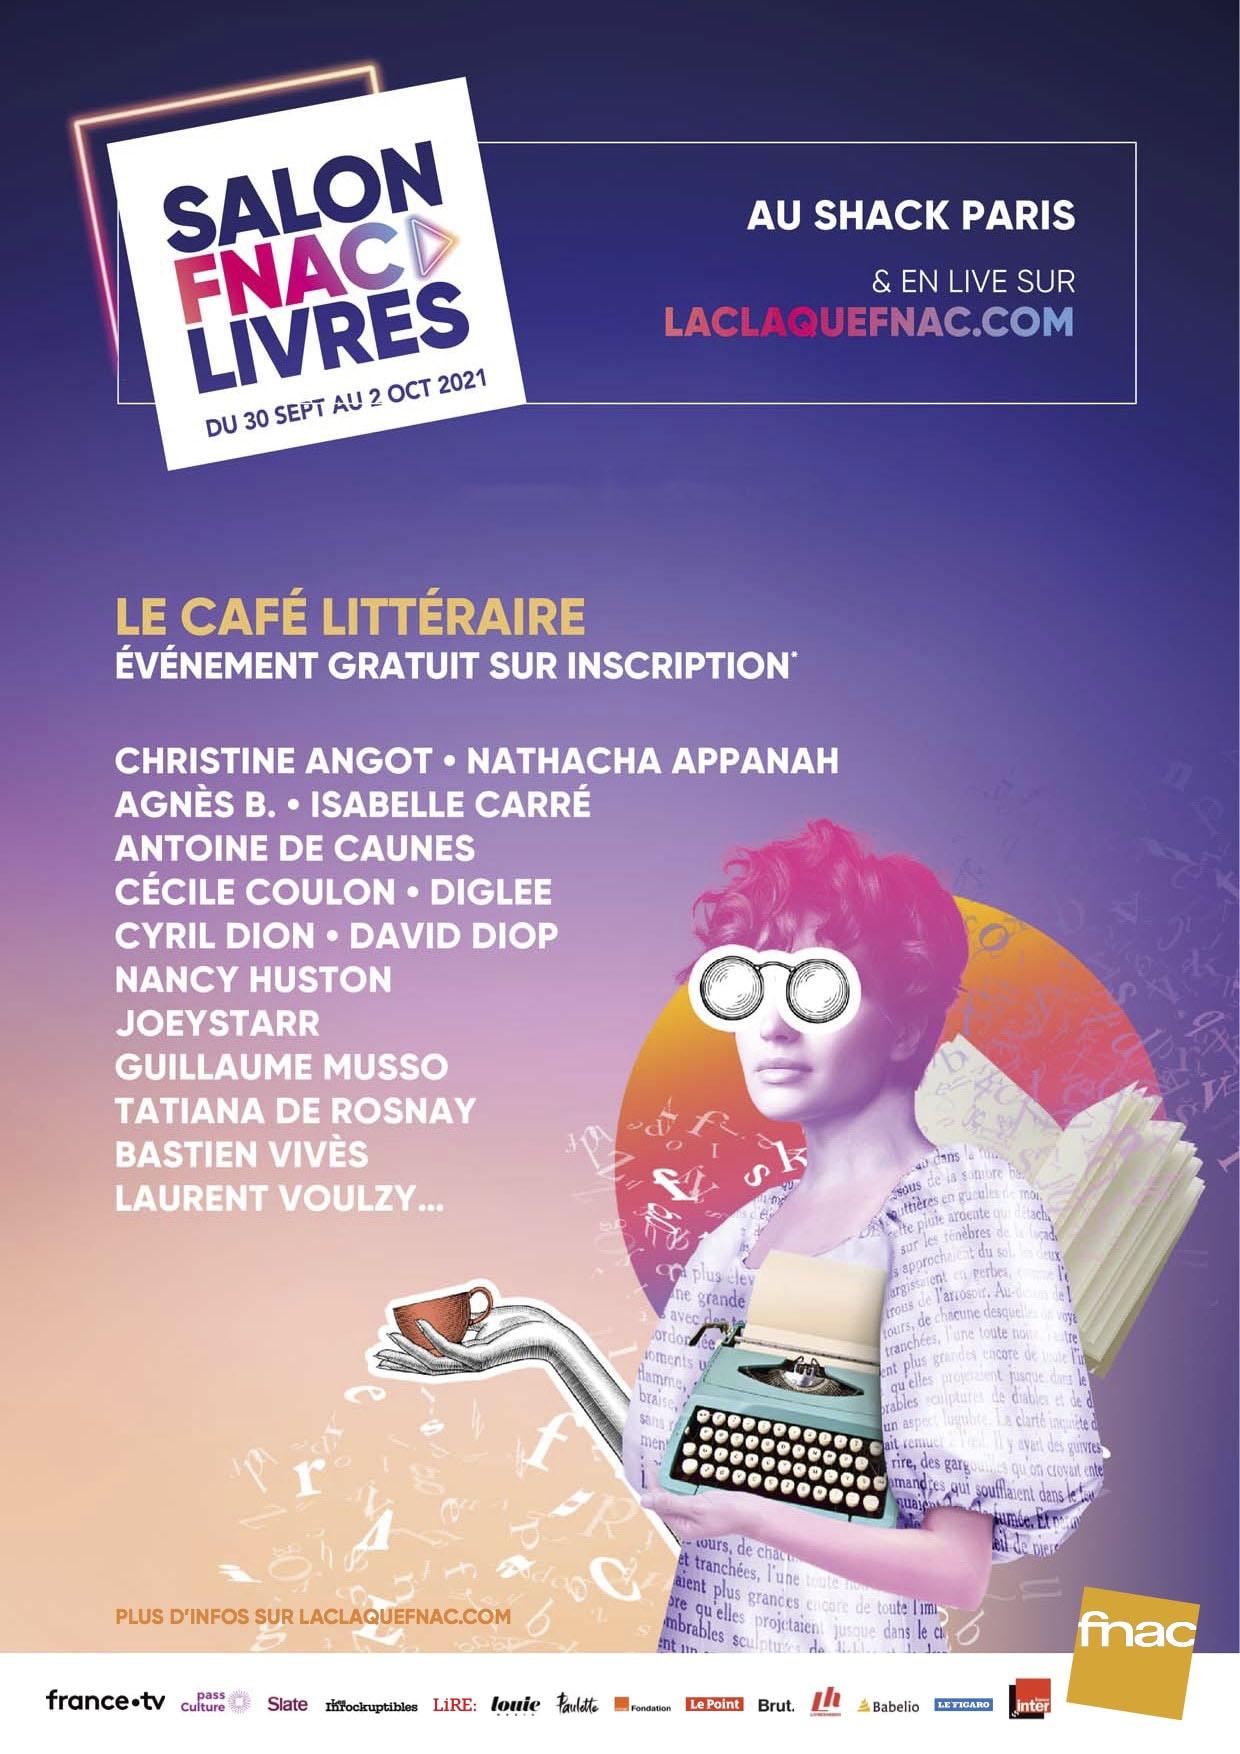 littérature affiche Salon Fnac Livres 2021